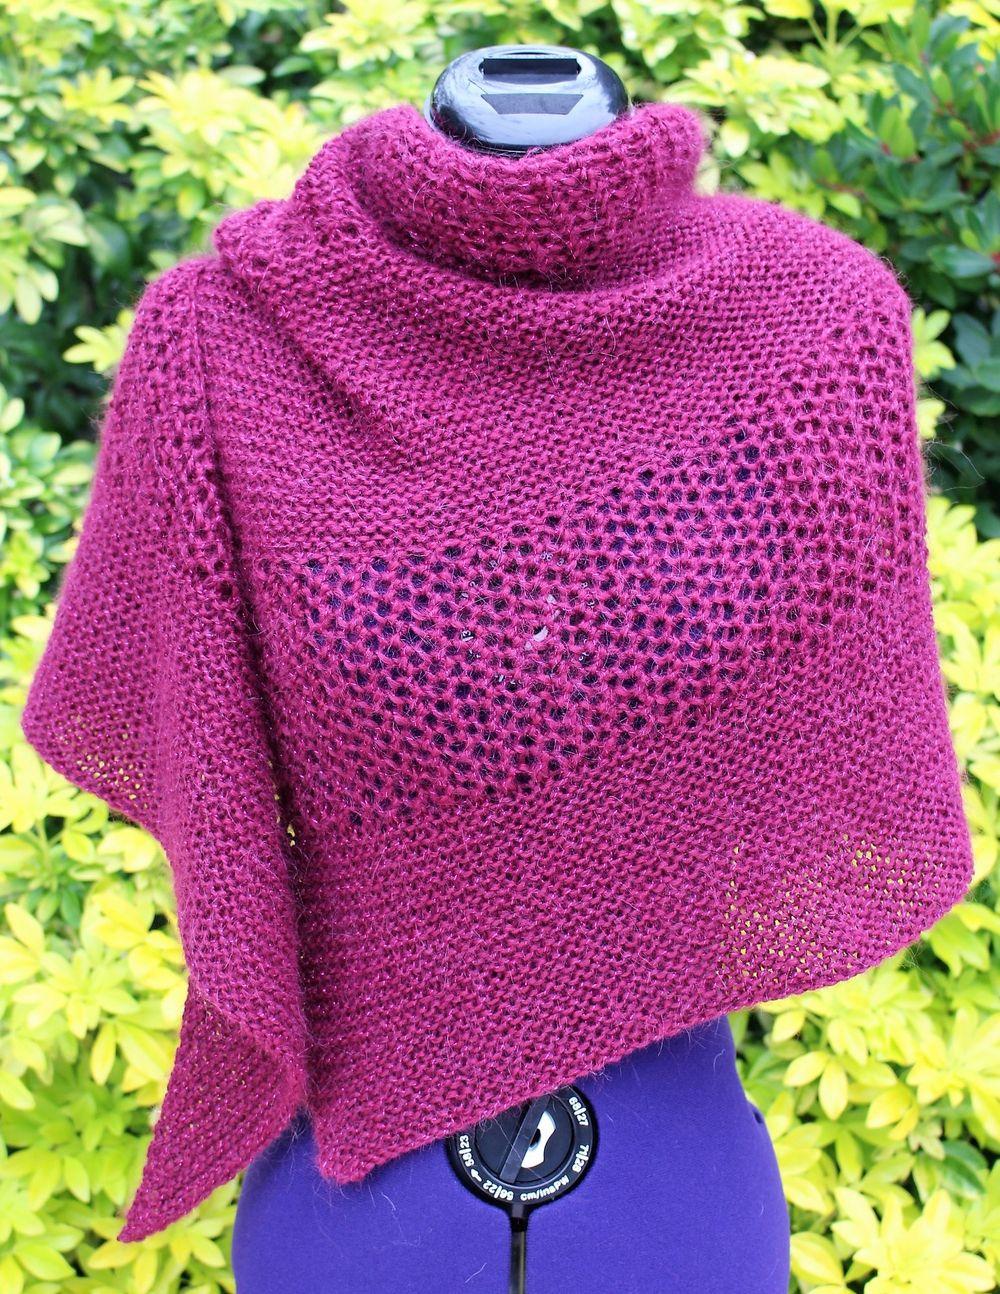 Châle fait main, étole tricot ajouré, poncho laine alpaga, cape ...